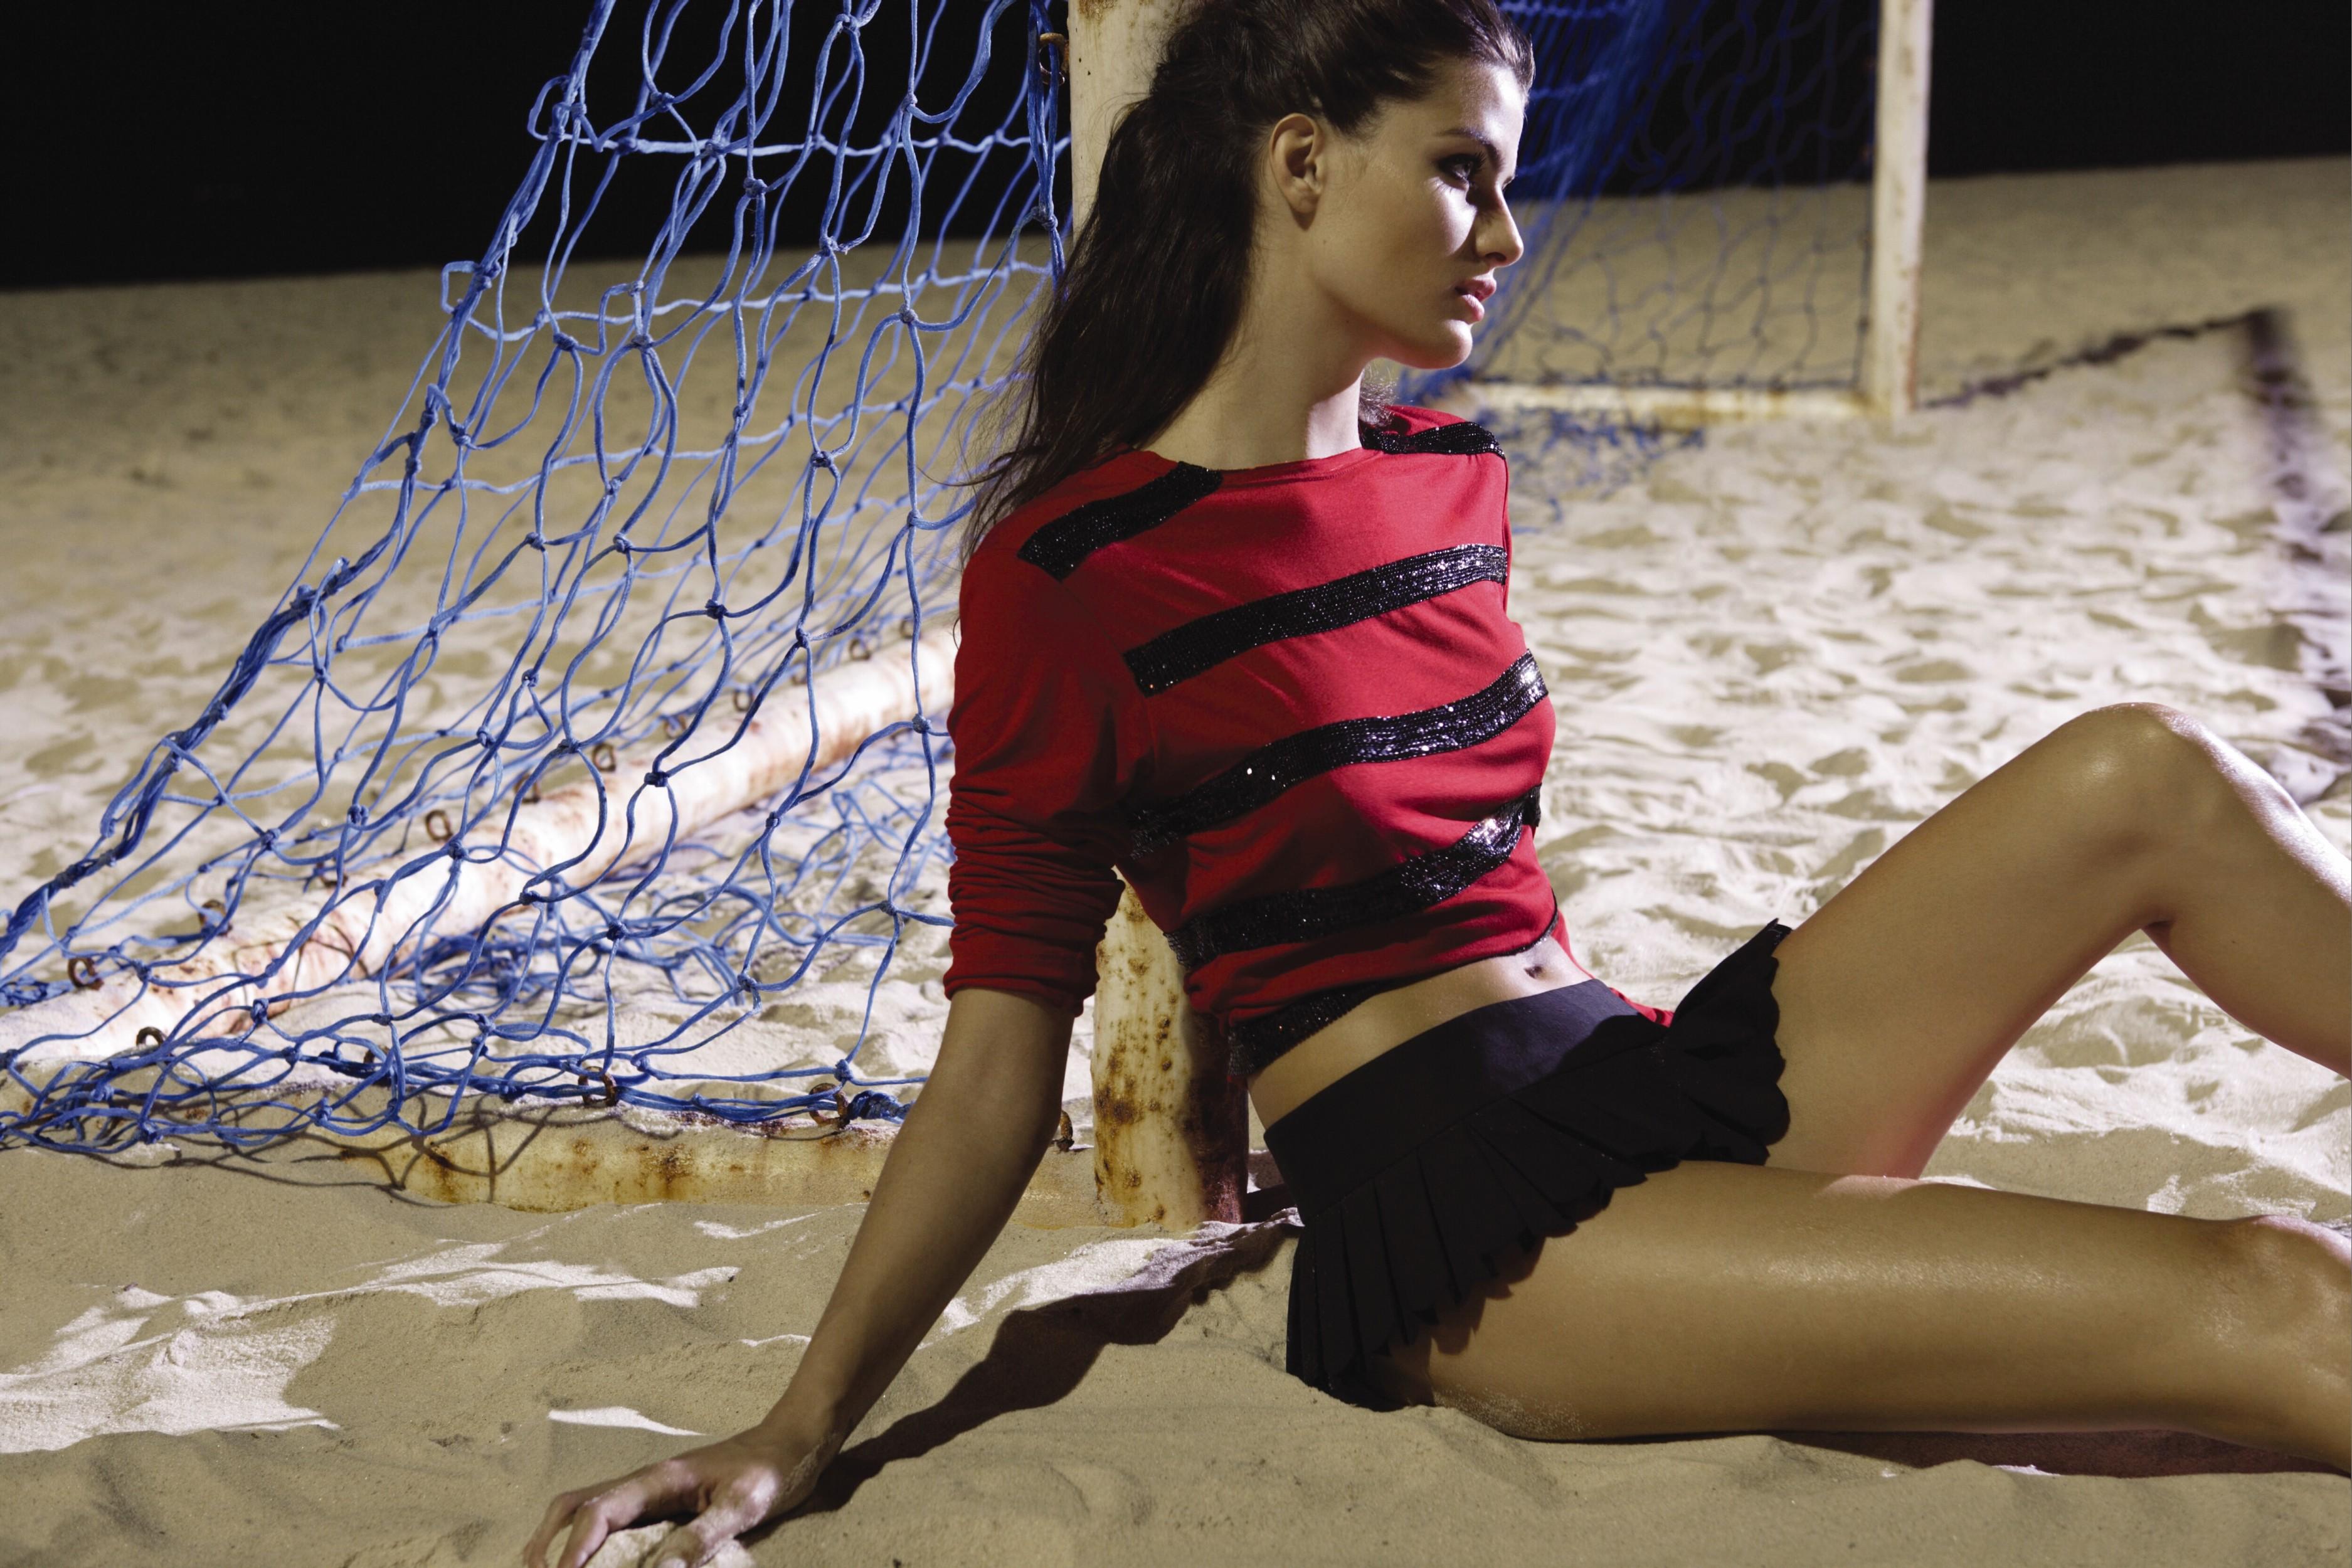 Юные девочки фото эротика 24 фотография